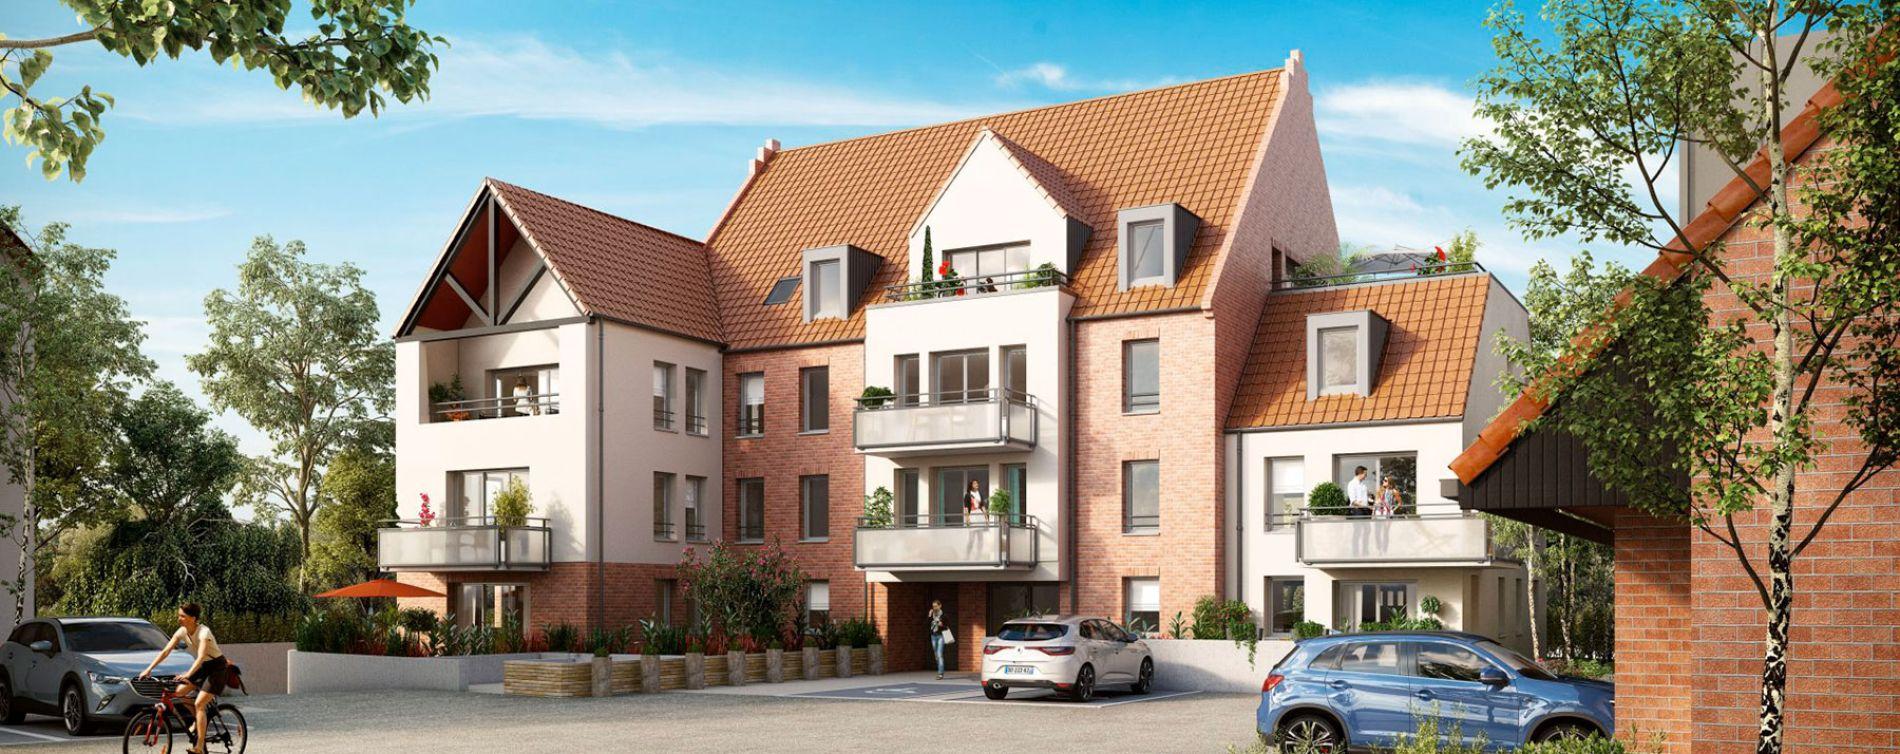 Résidence Côté Village Appartements à Beaucamps-Ligny